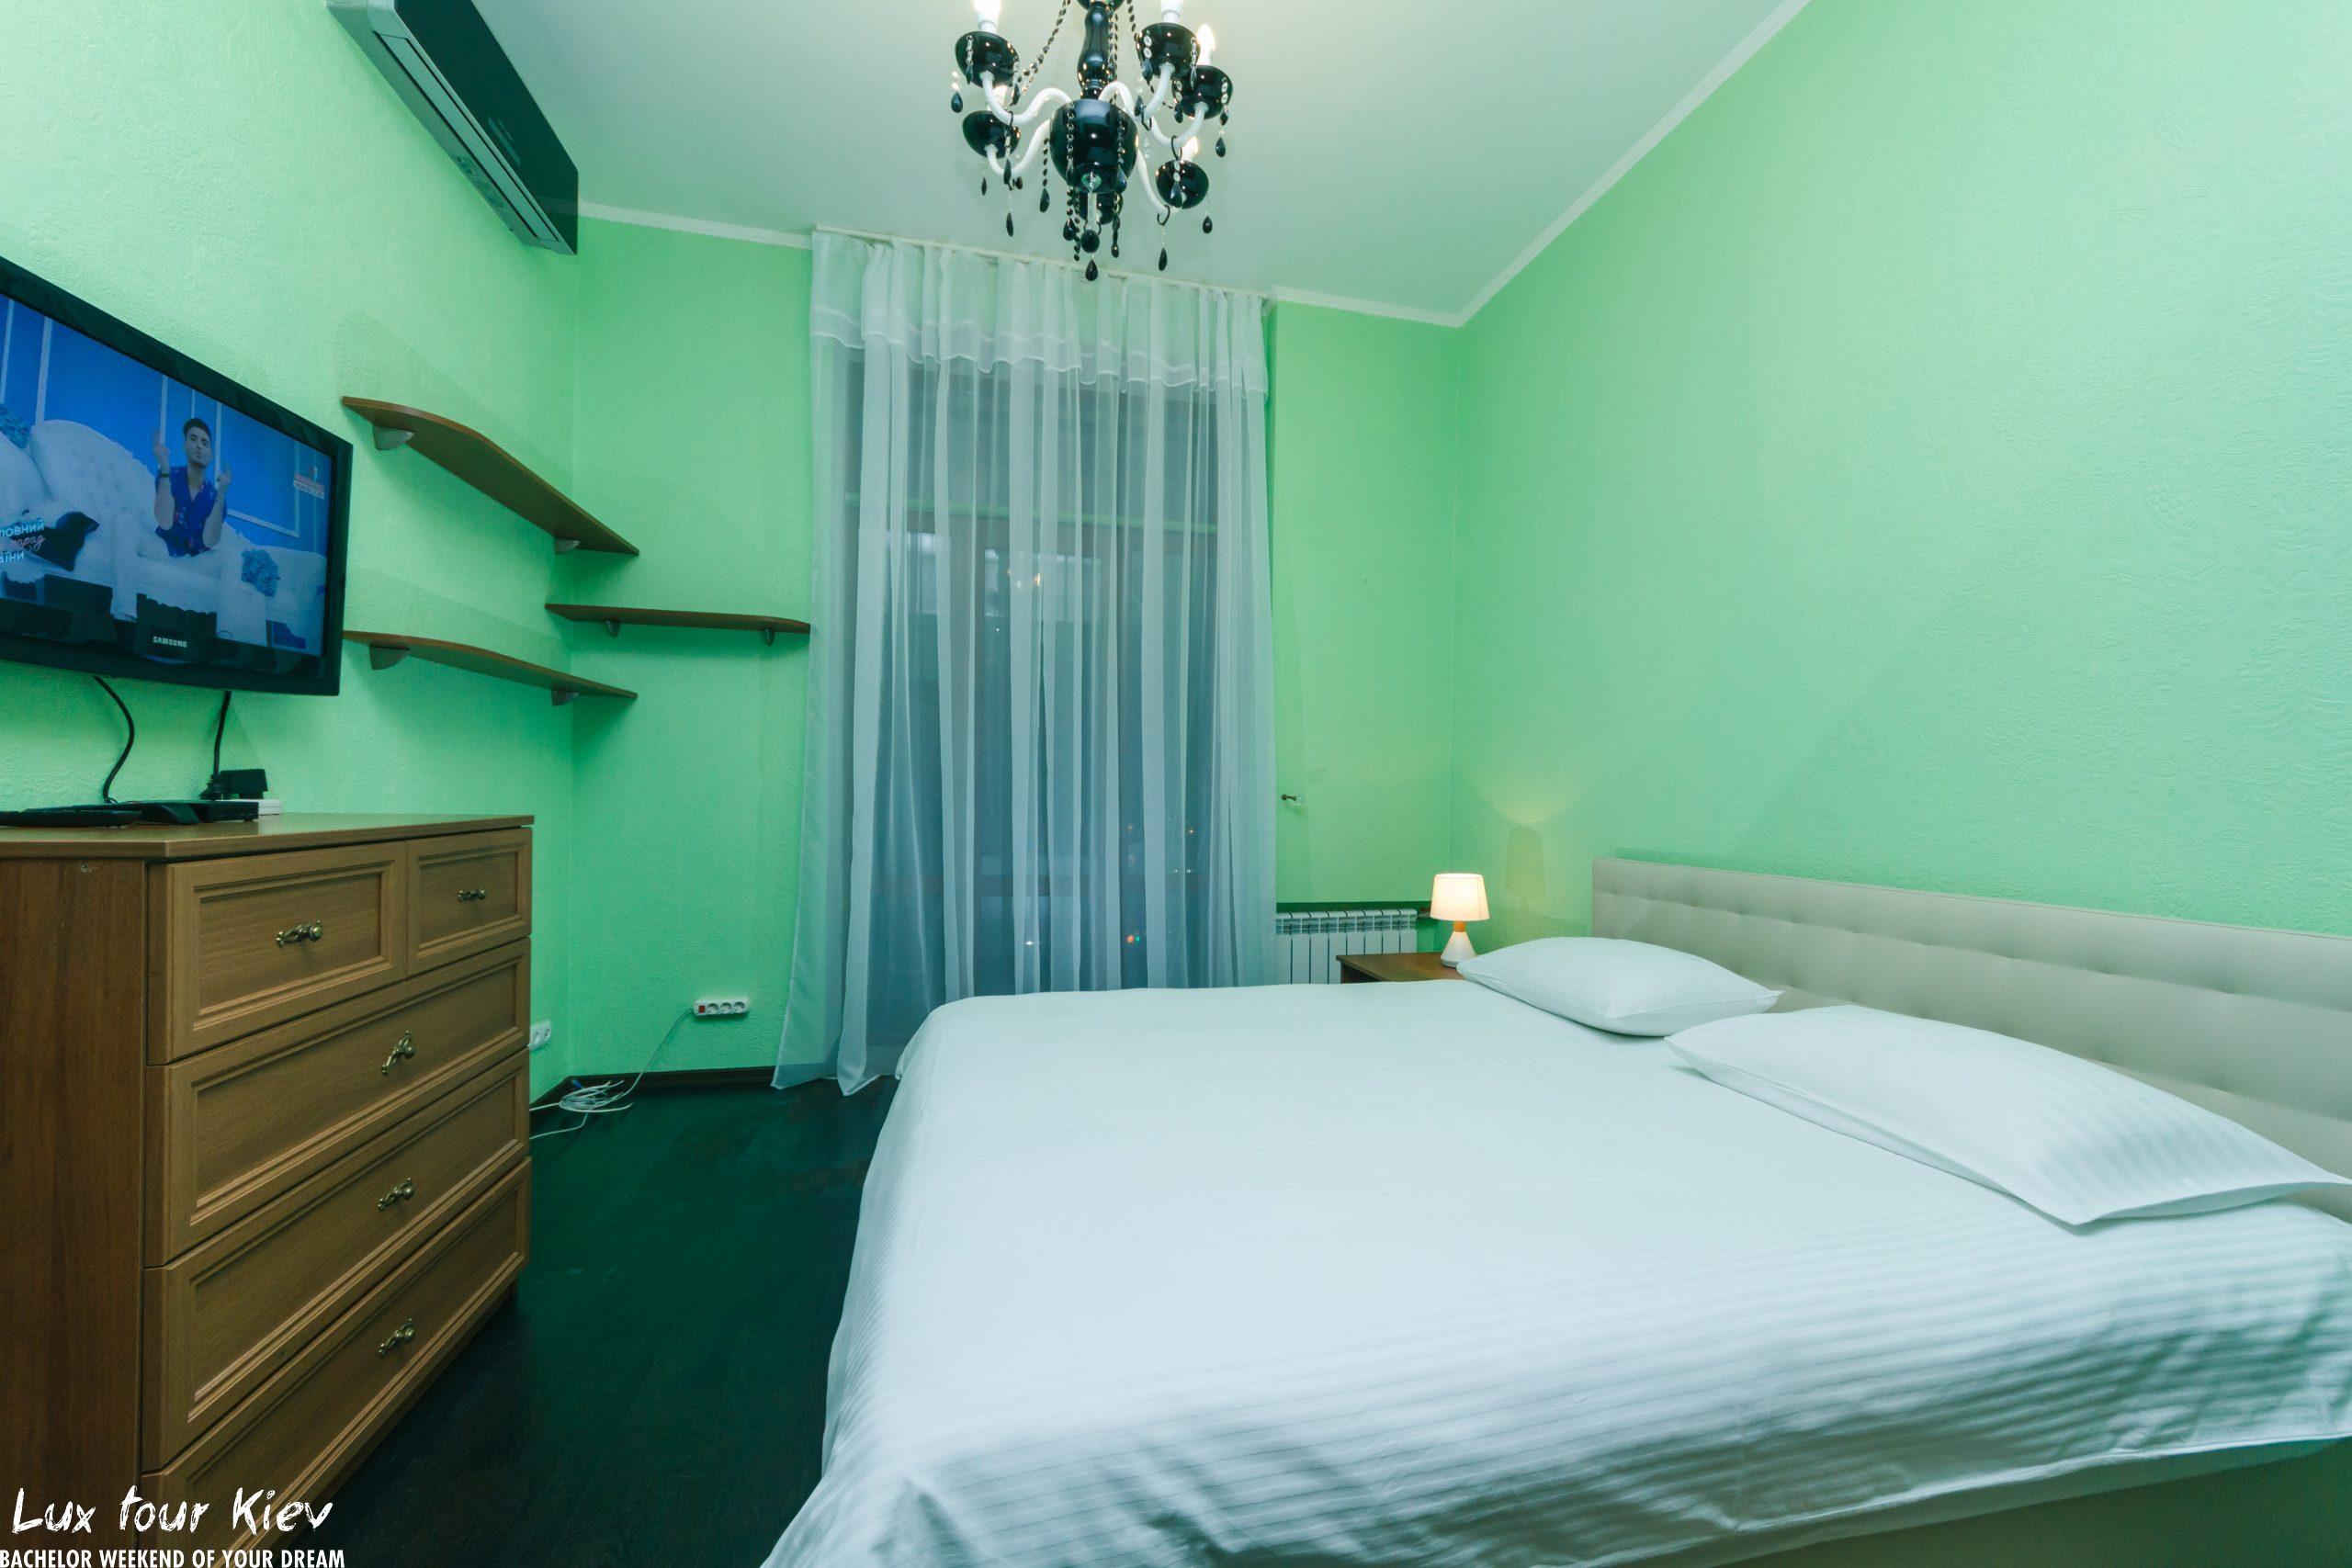 apartment_khreshatyk27_66415